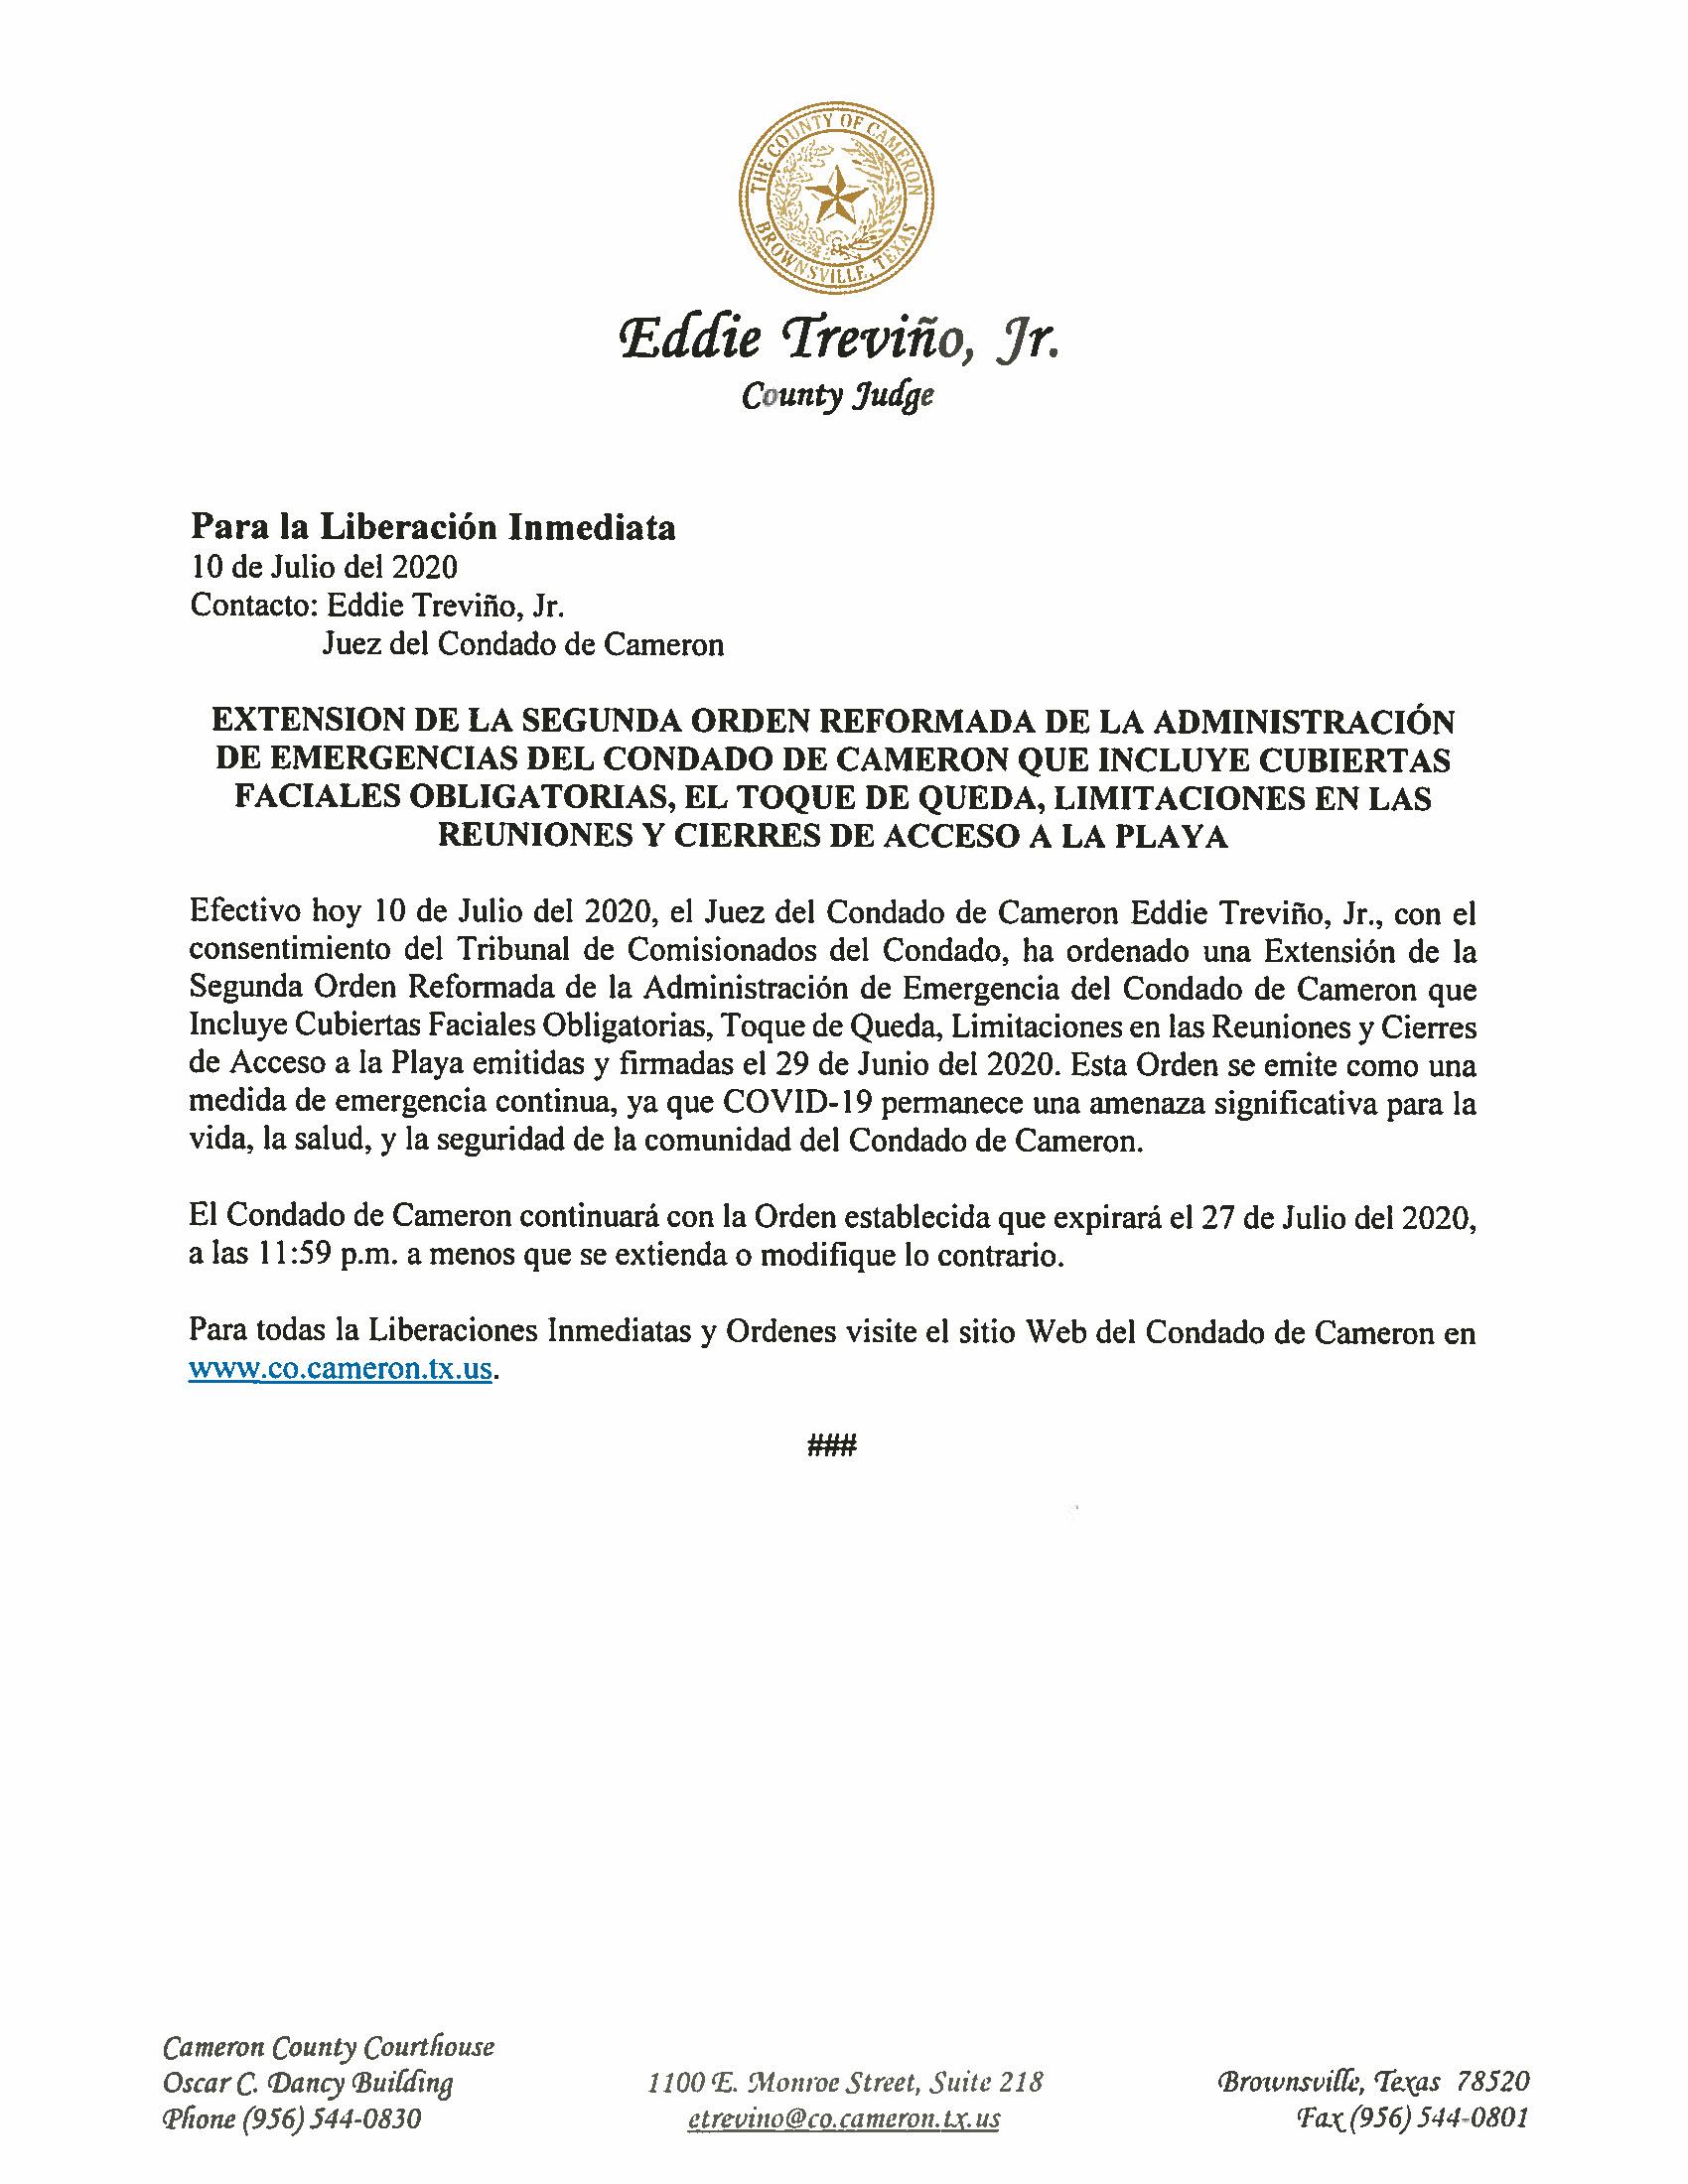 07.10.2020 Extension De La Segunda Orden Reformada De La Administracion De Emergencias Del Condado De Cameron Que Incluye Cubiertas Faciales Obligatorias El Toqu